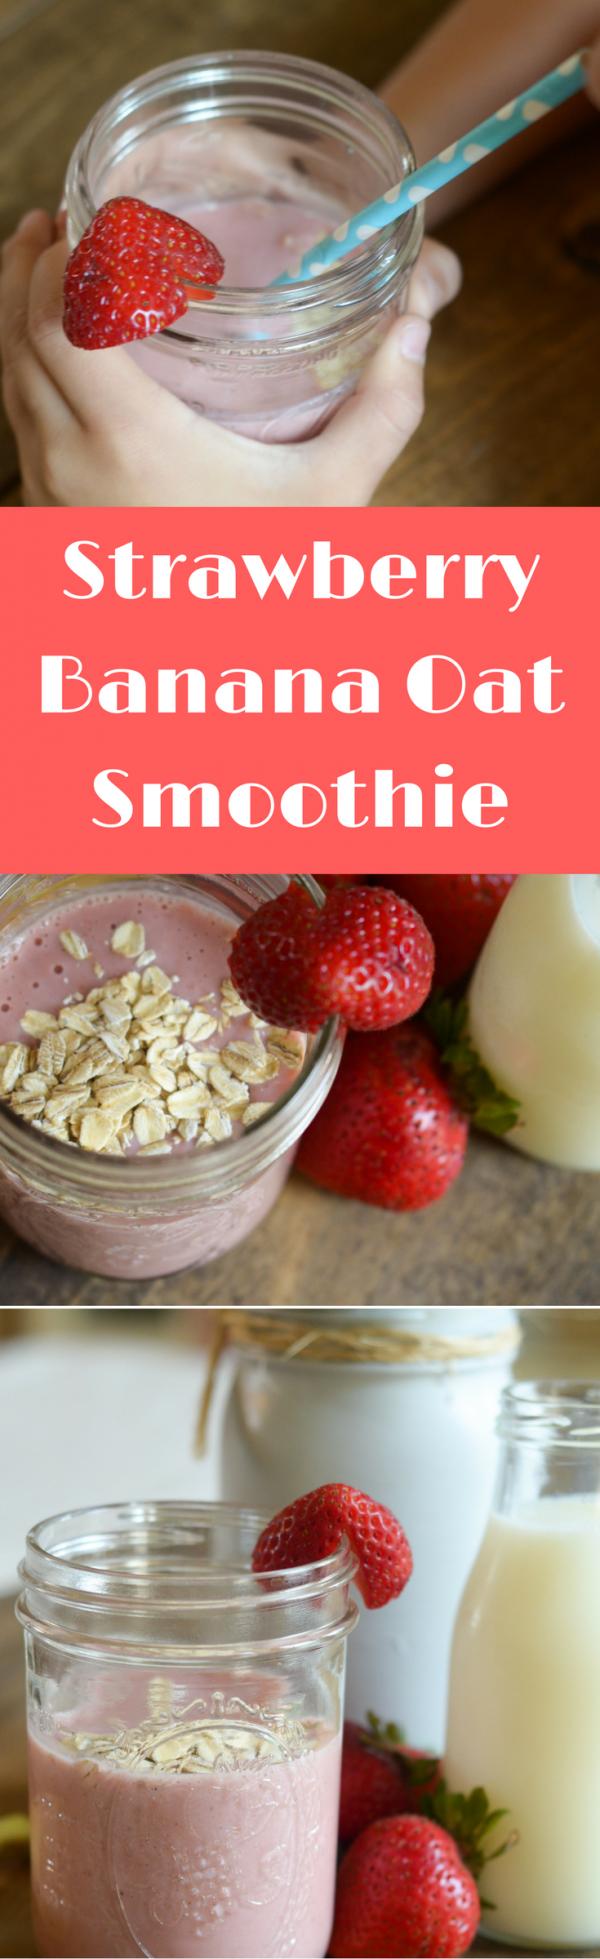 Strawberry Banana Oat Smoothie #DairyAmazing AD